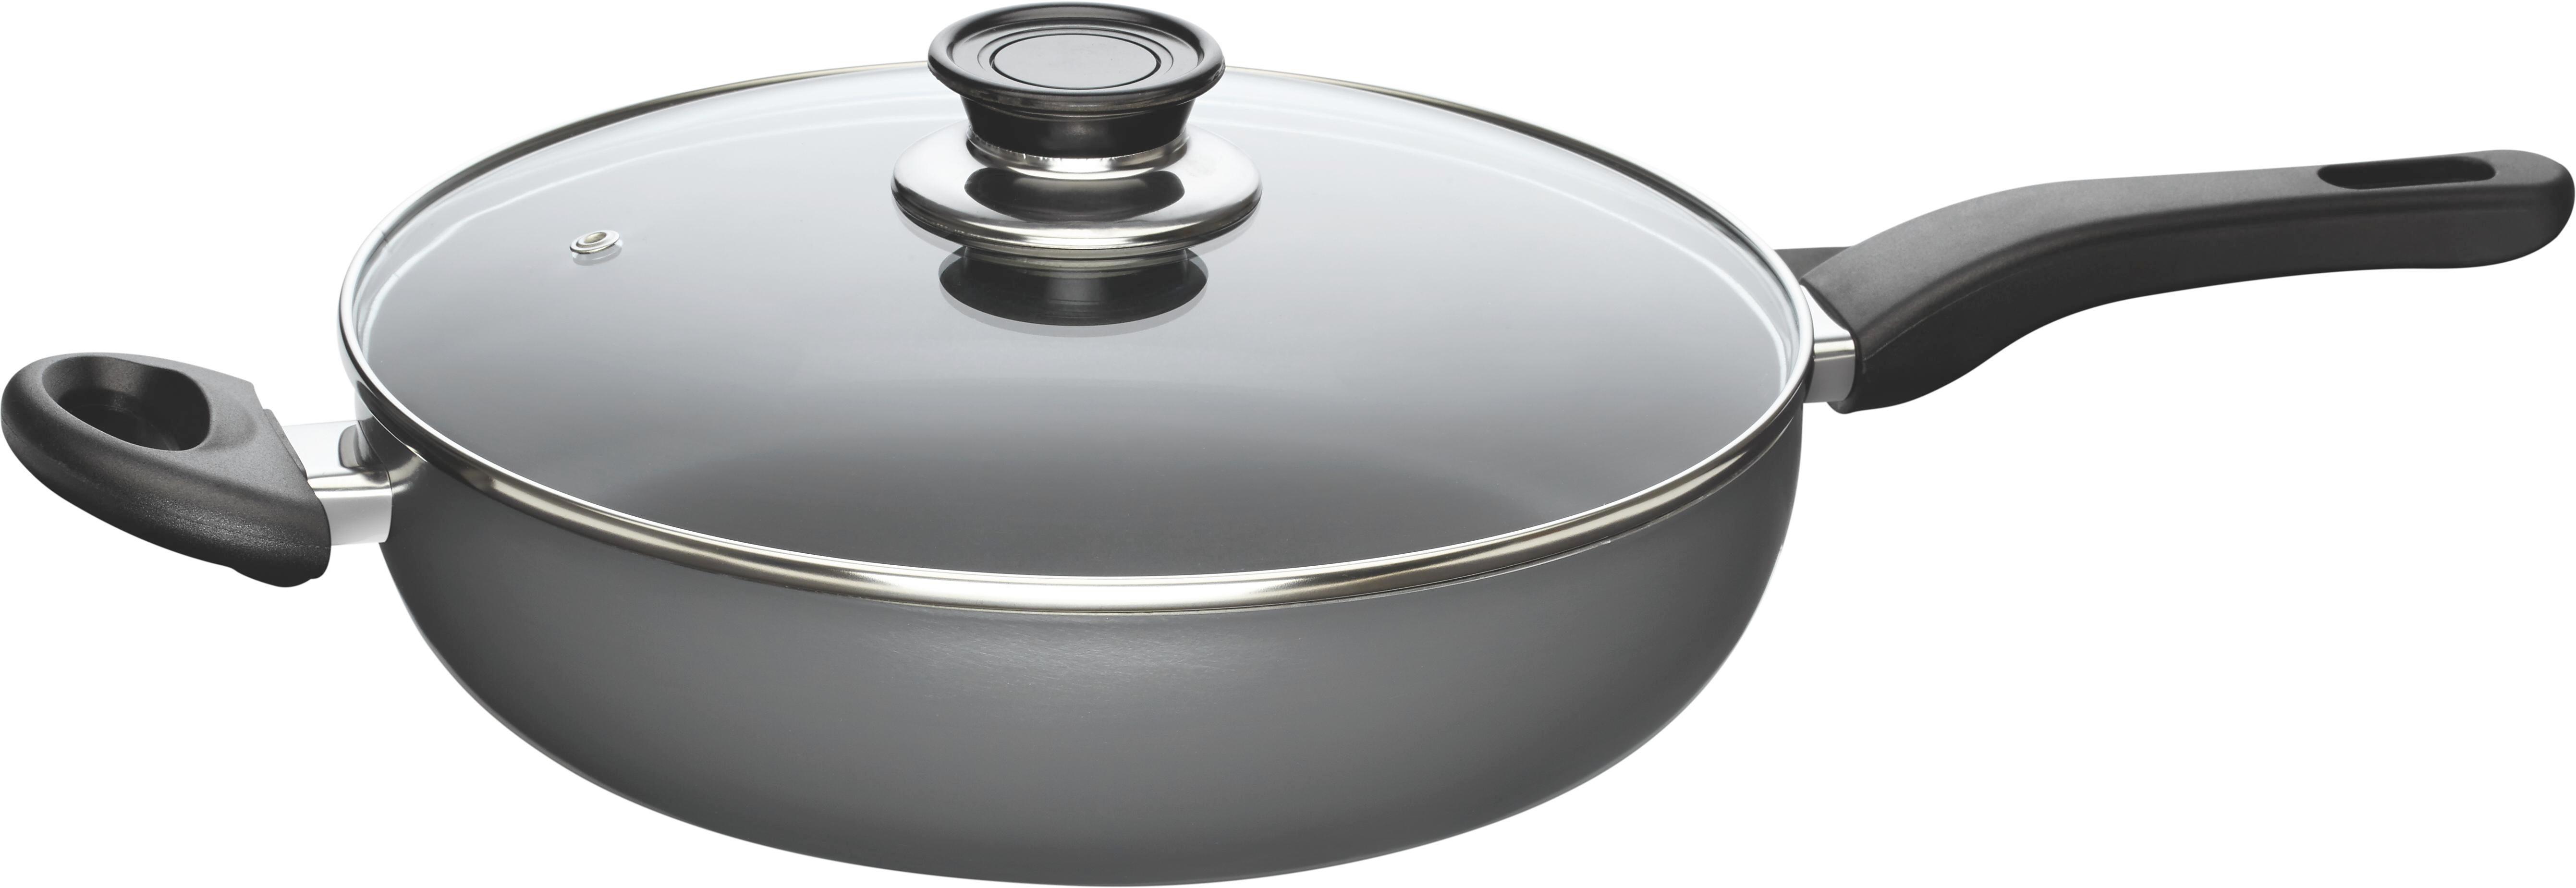 Serpenyő Fabia - tiszta/antracit, üveg/fém (28cm) - MÖMAX modern living